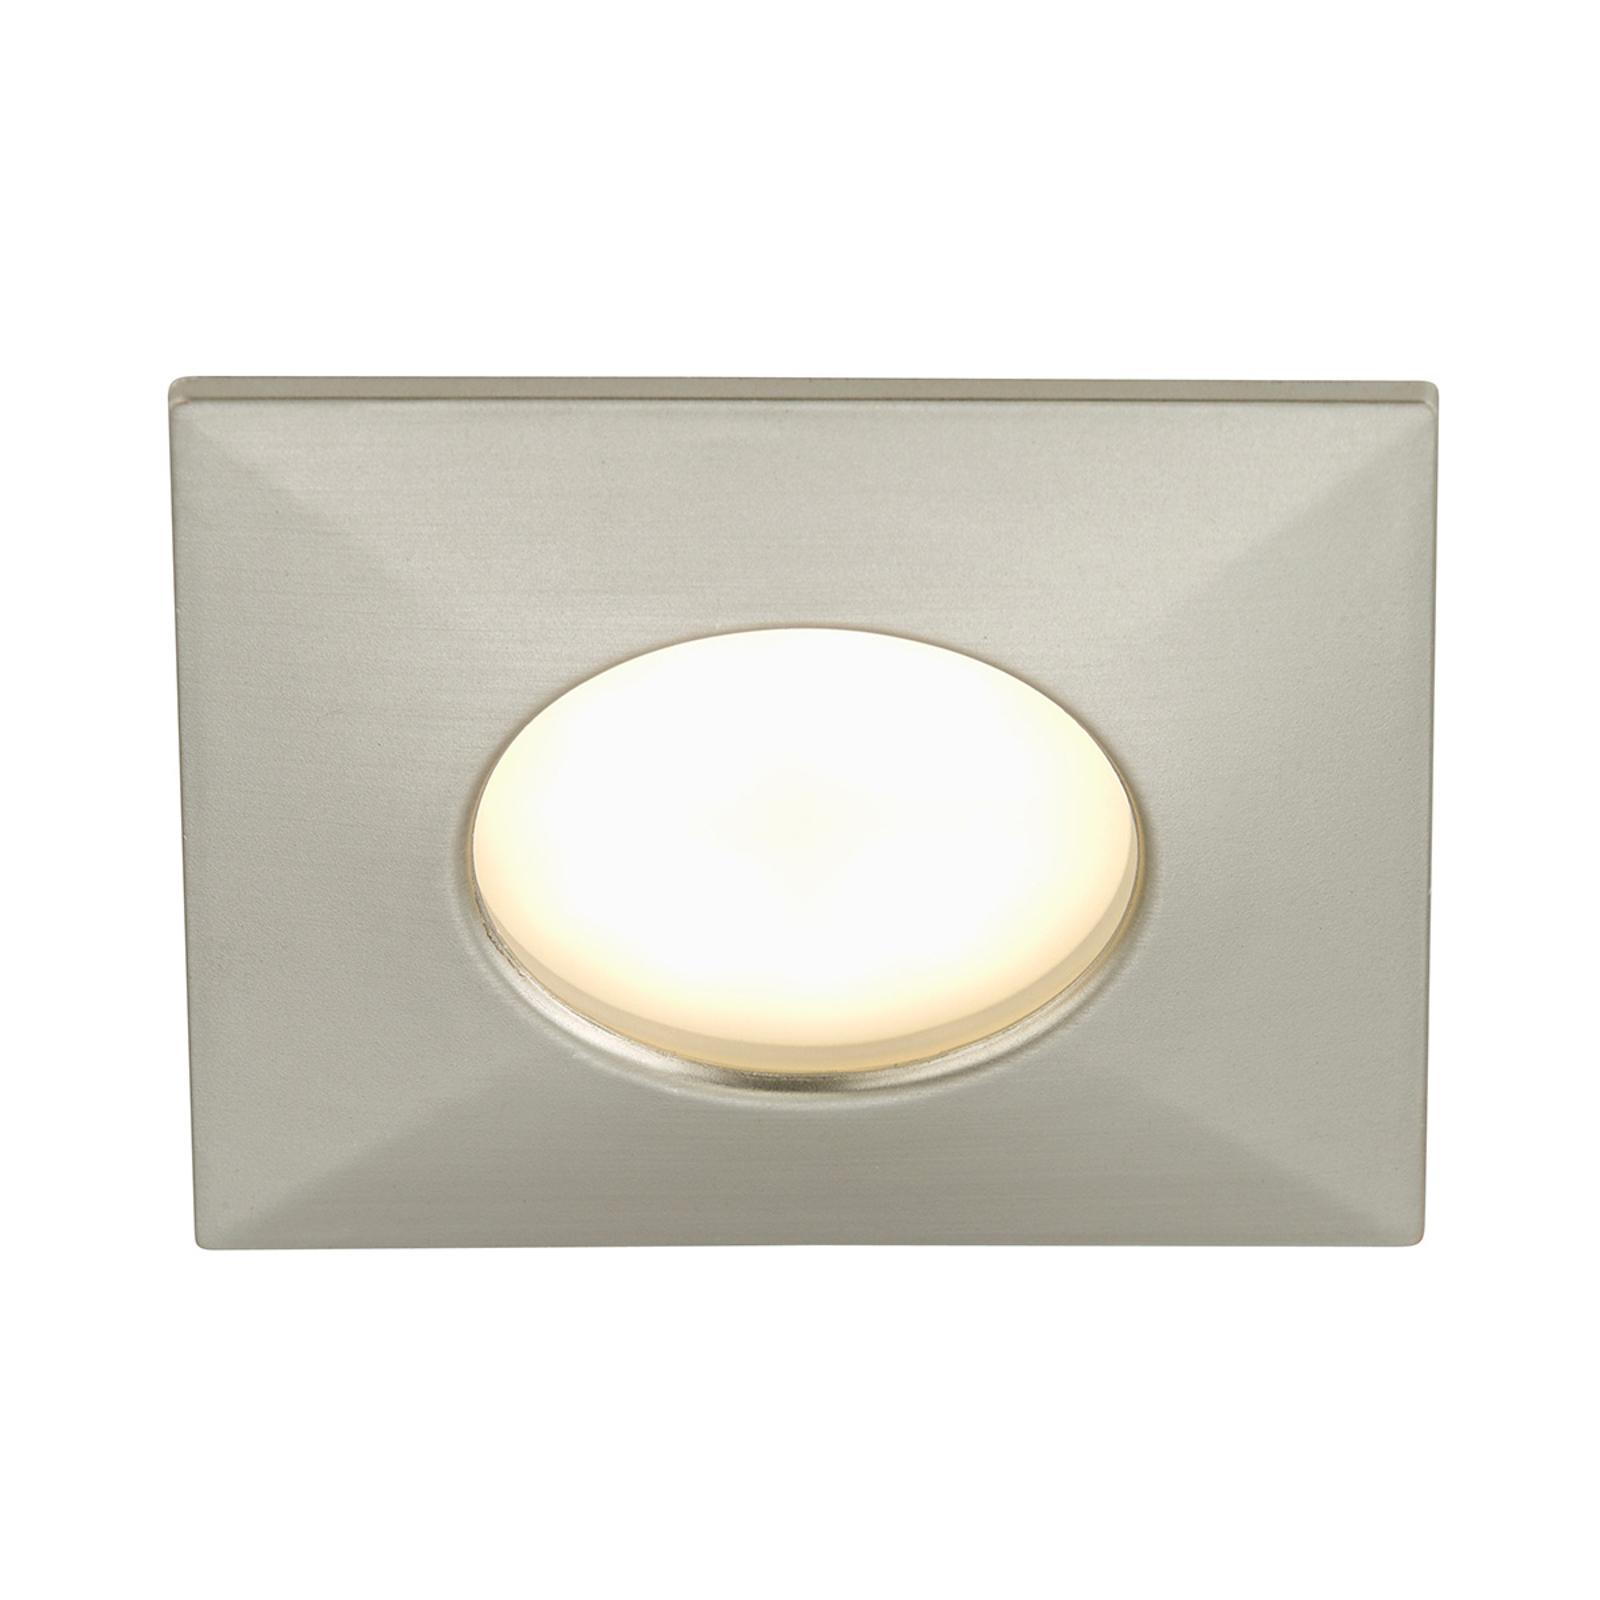 Luca LED-downlight IP44 nikkel matt